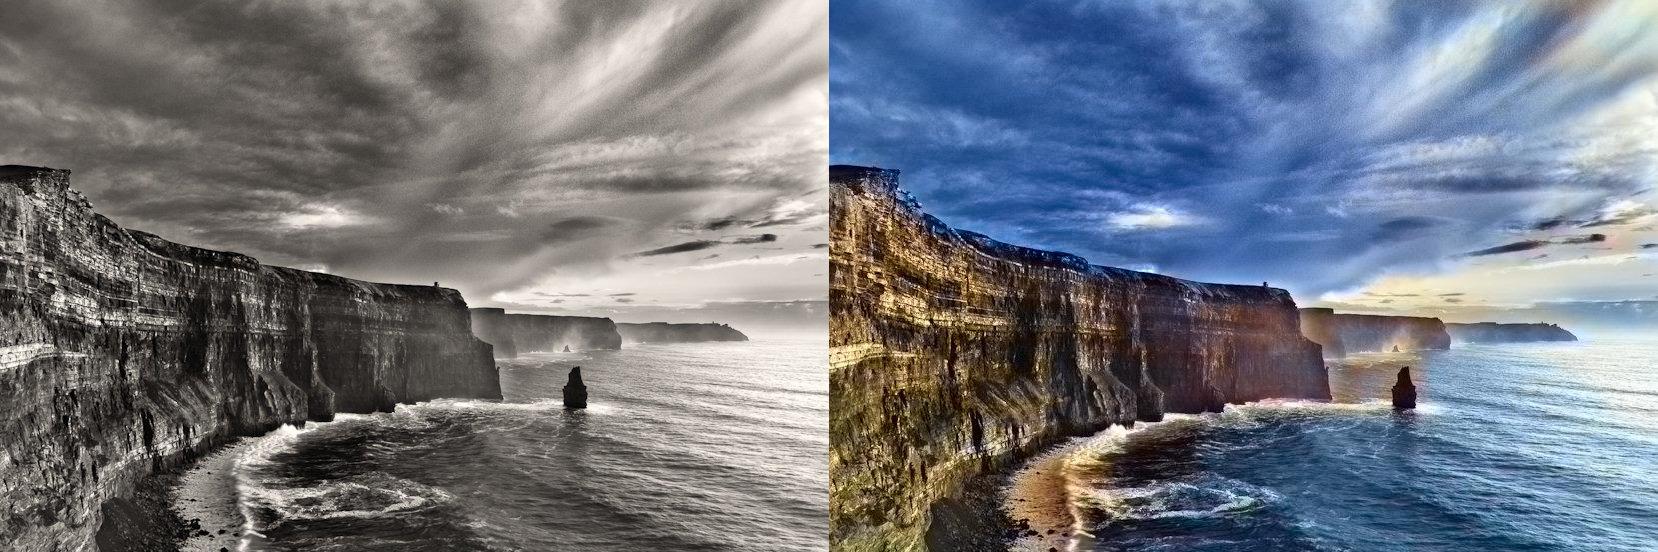 17-летний британец научил бота за несколько секунд раскрашивать черно-белые фотографии